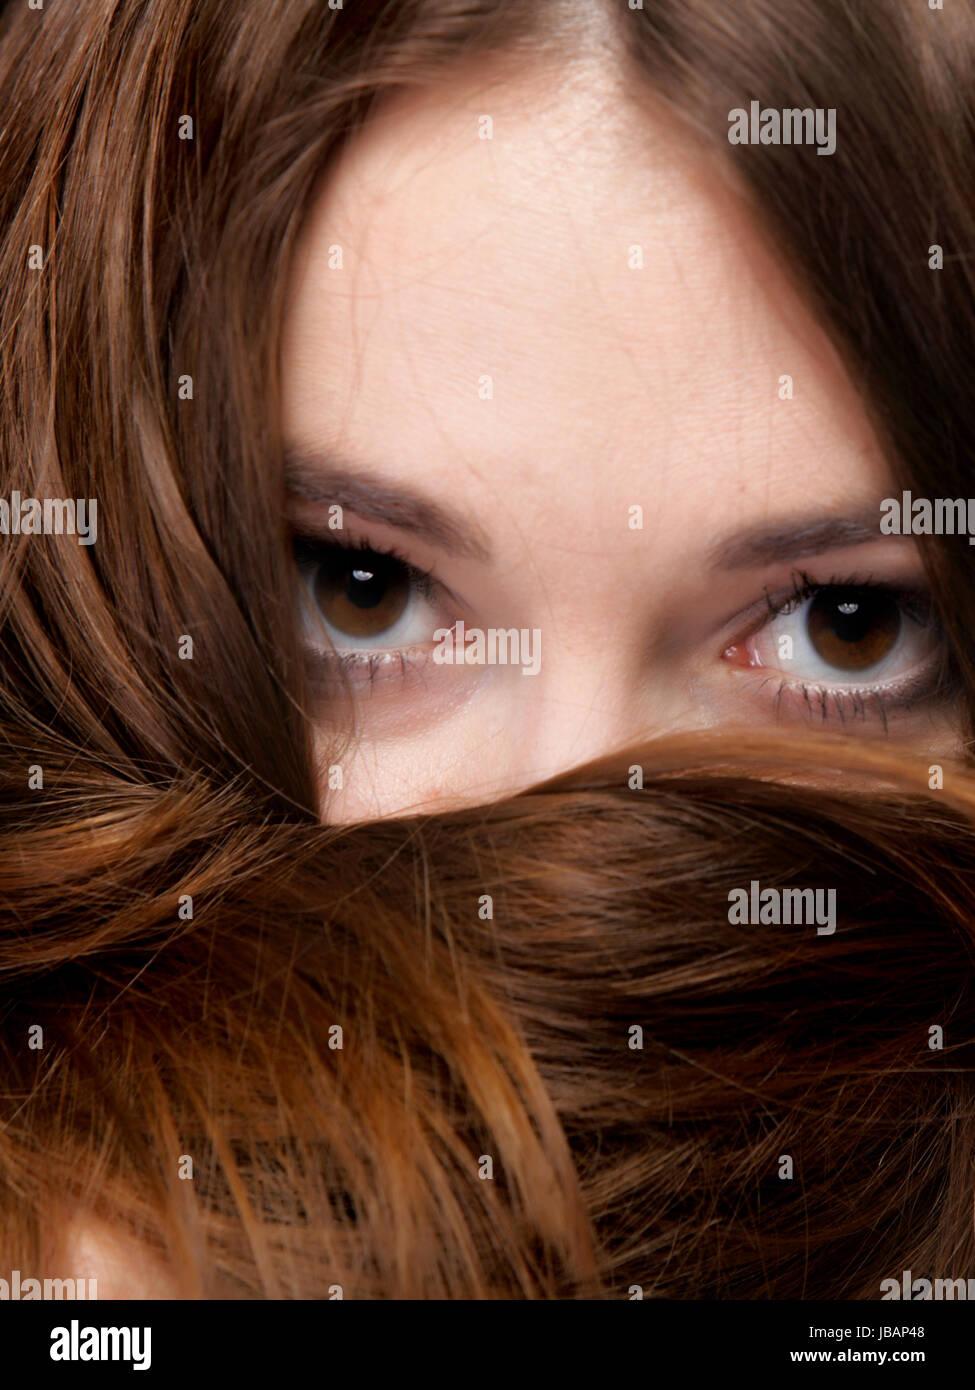 Close-up retrato de una bella mujer cubre el rostro por largos pelos marrones Foto de stock